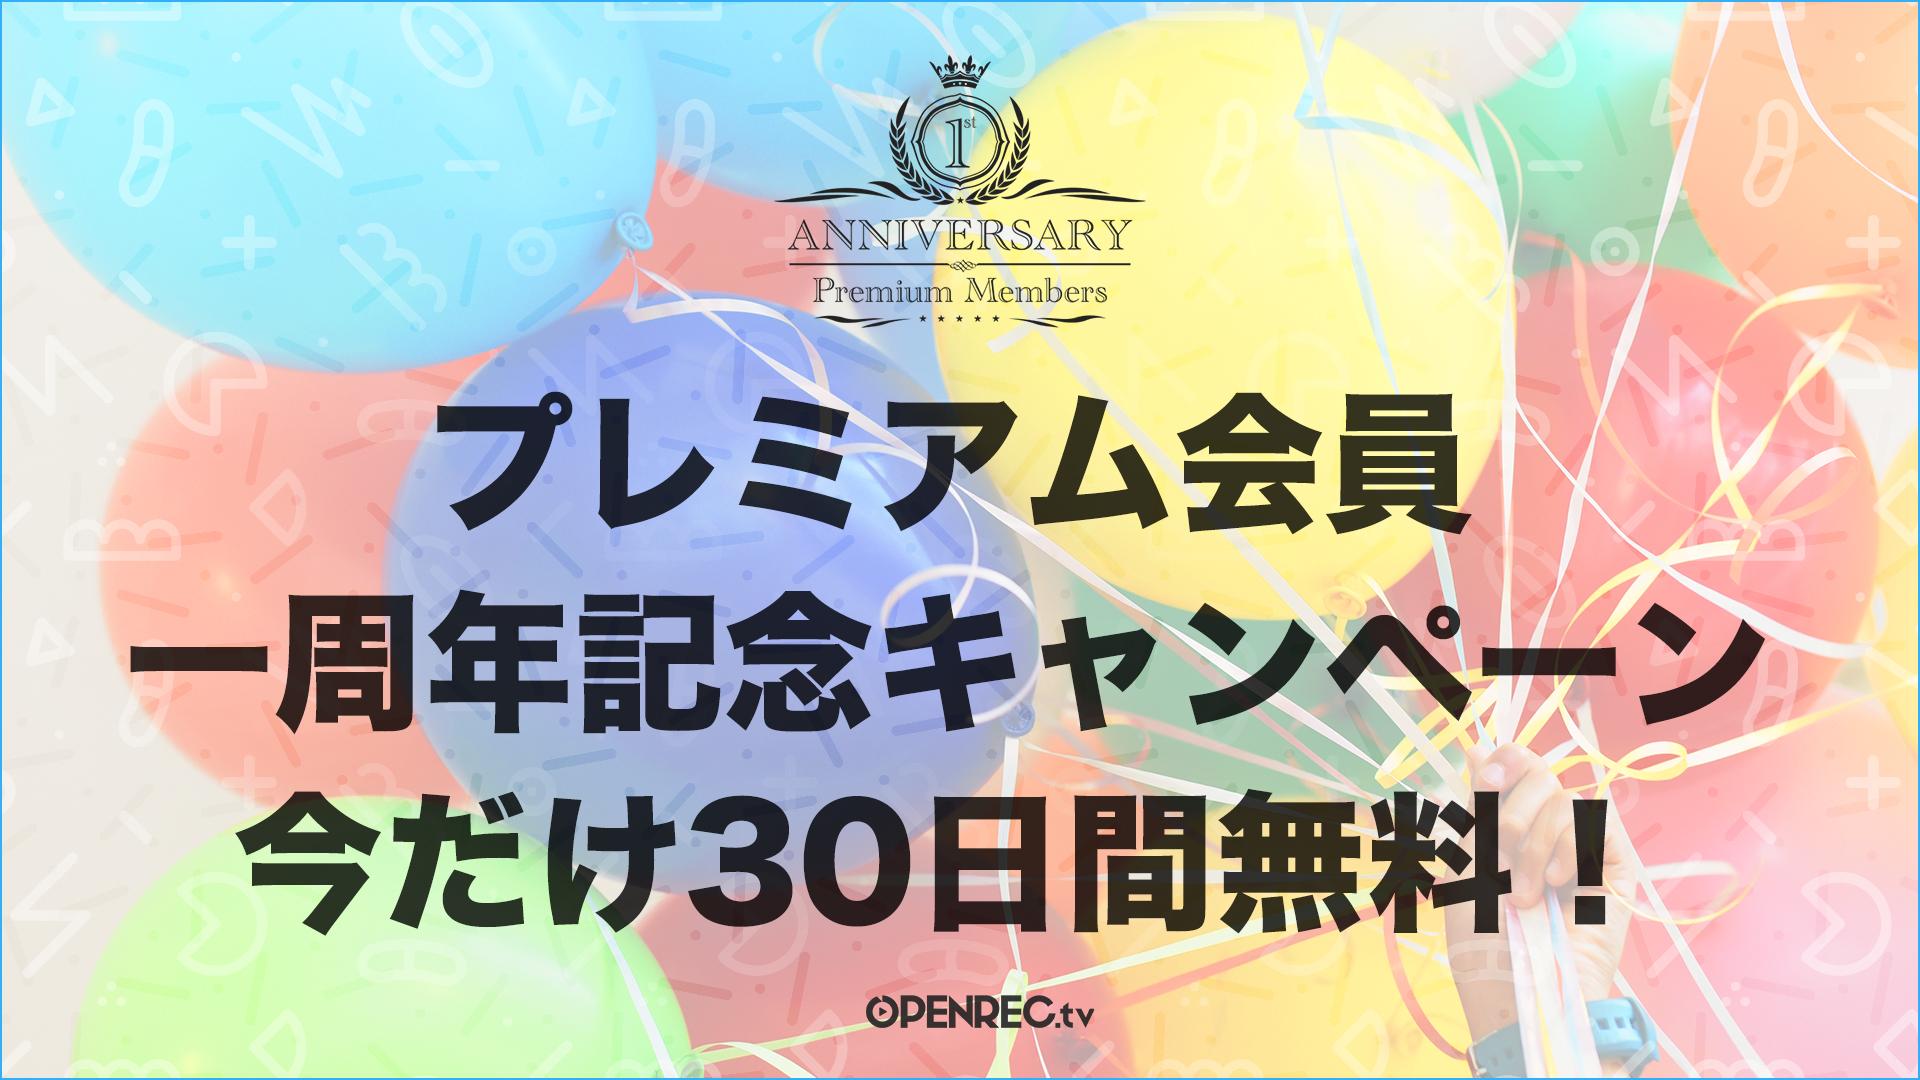 プレミアム会員1周年記念キャンペーン開始しました!今だけ30日間無料トライアル!